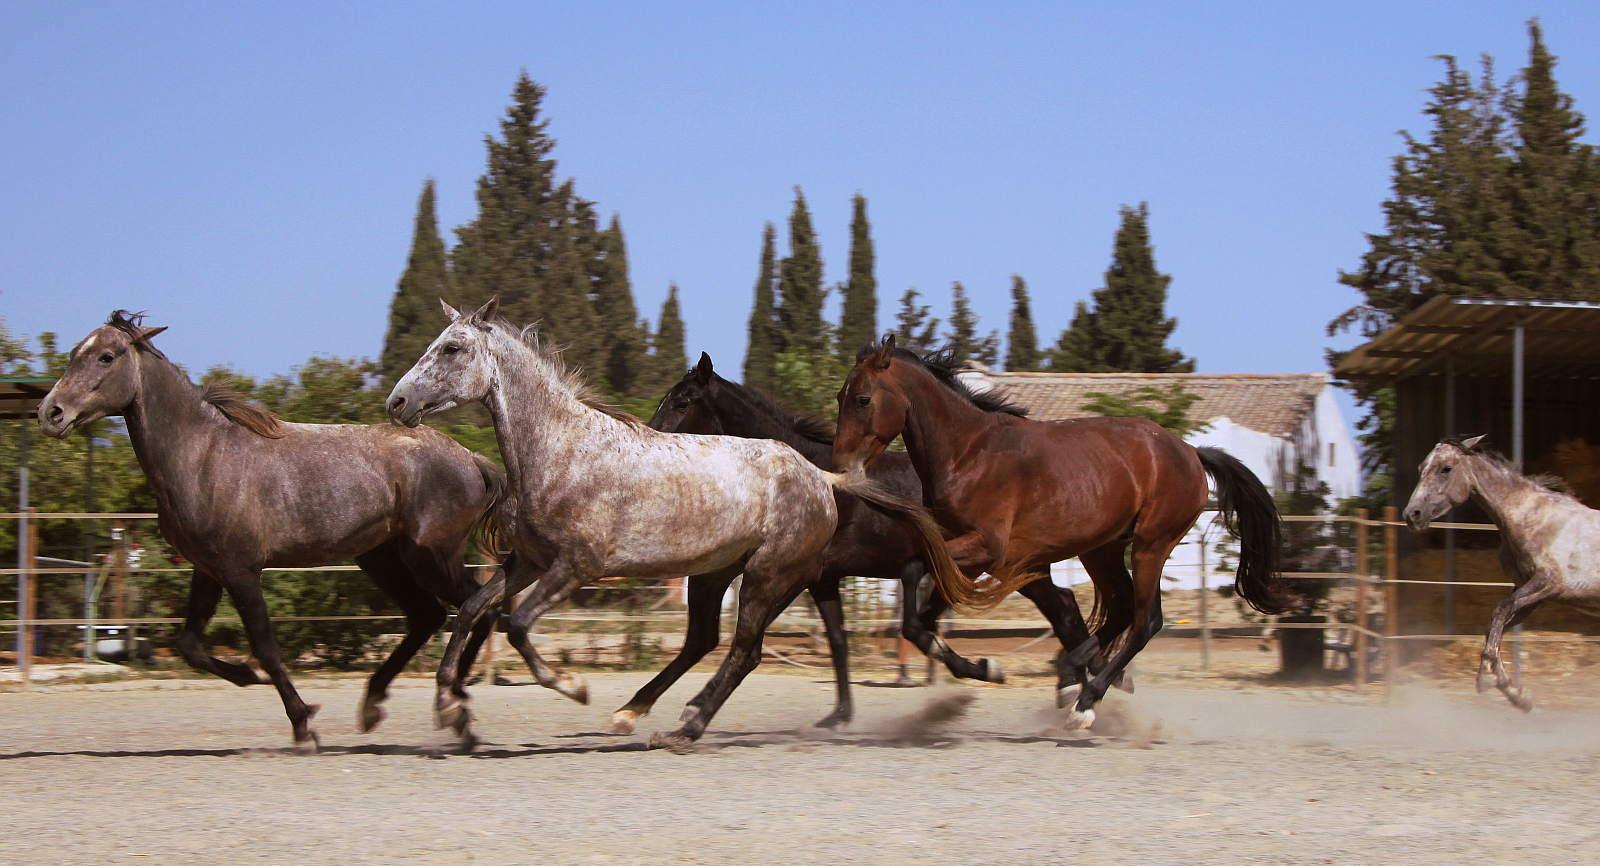 5 schon grössere Fohlen galloppieren auf Sandplatz - Freiwilligenarbeit